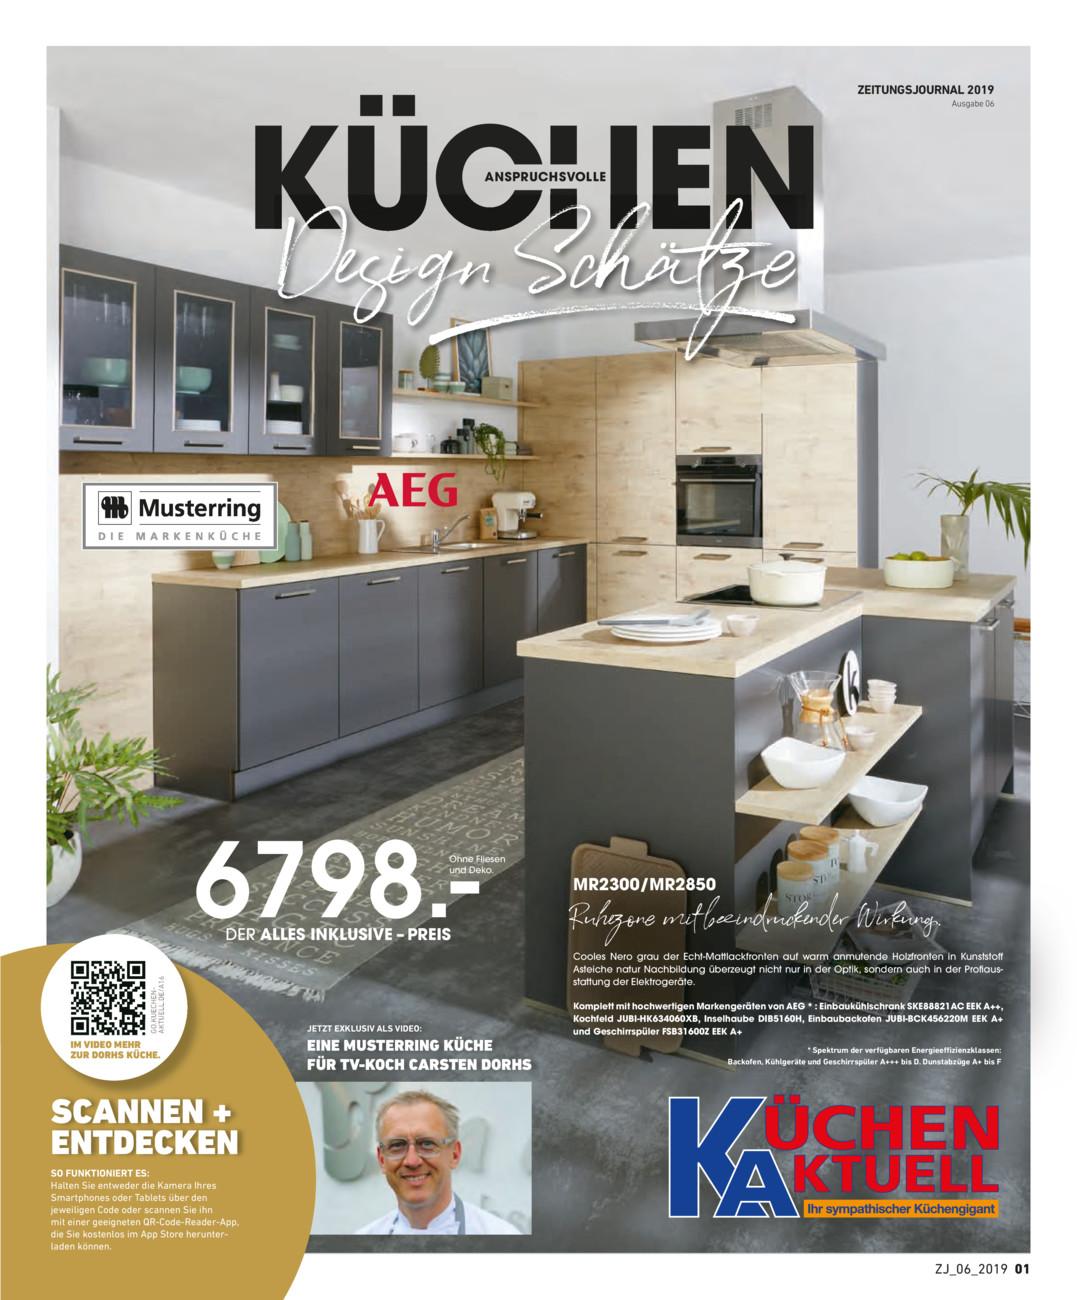 Küchen Aktuell Zeitungsjournal